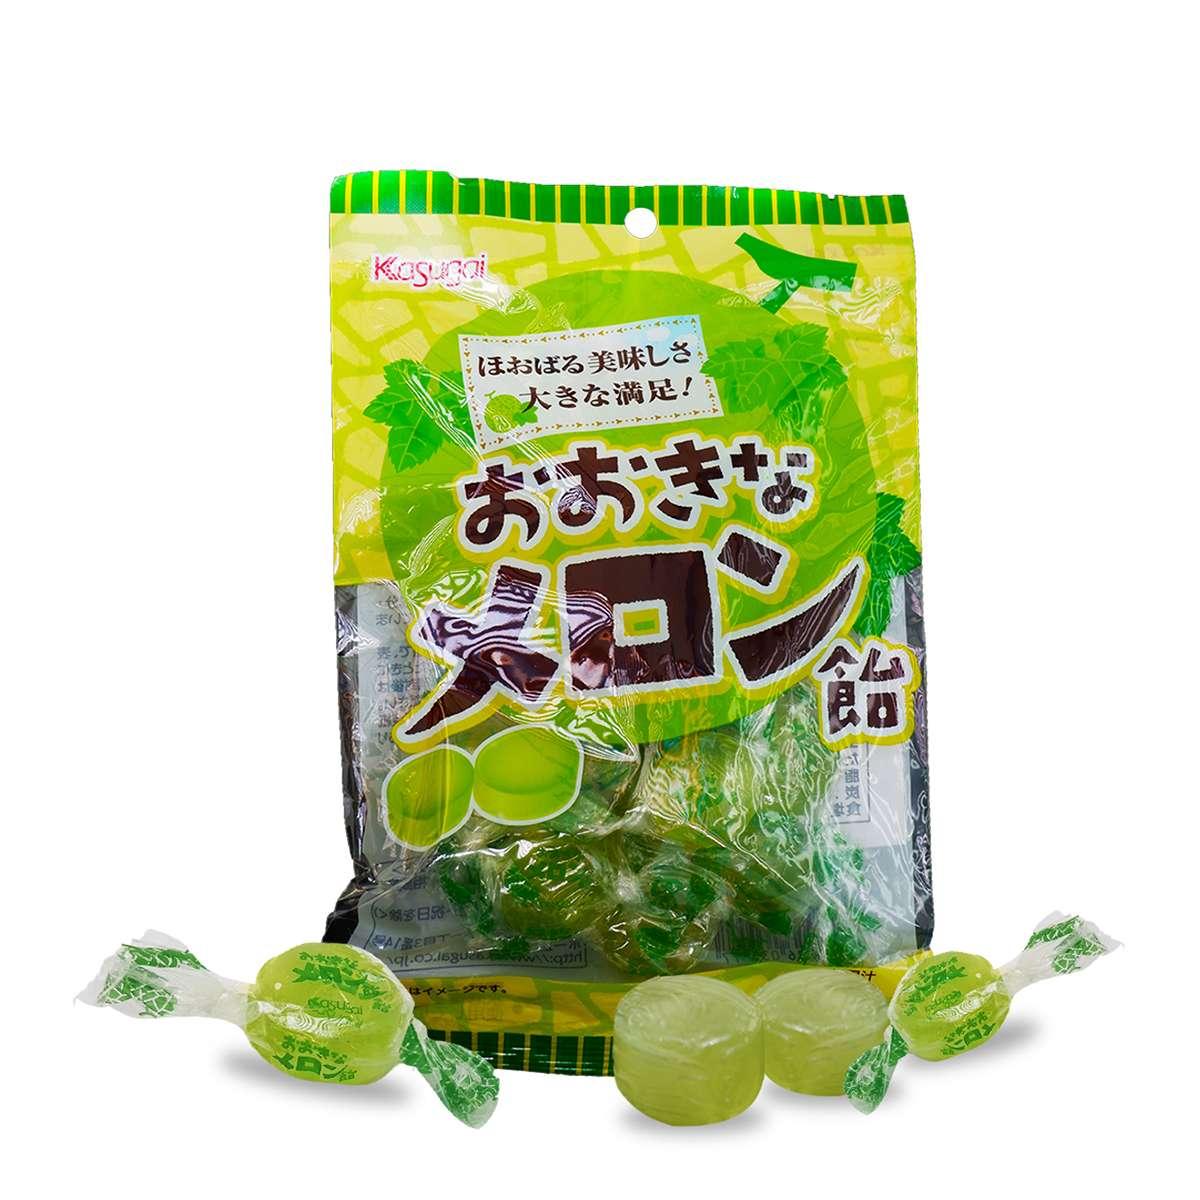 Kẹo ngậm kasugai hương vị dưa lưới Nhật Bản